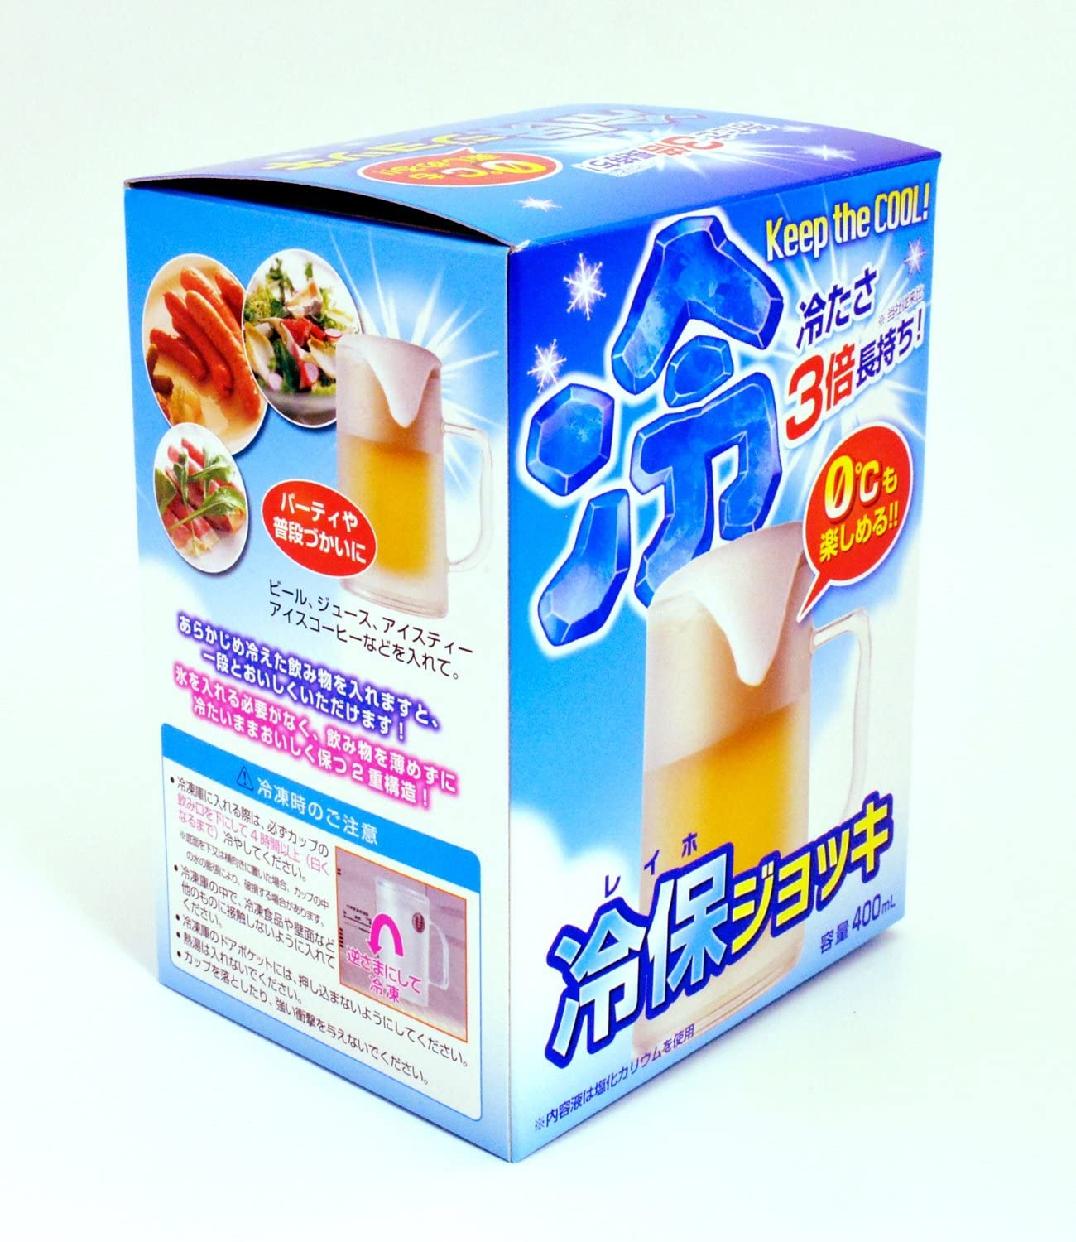 ユタカ産業(YUTAKA CORPORATION) 冷保 ジョッキの商品画像2